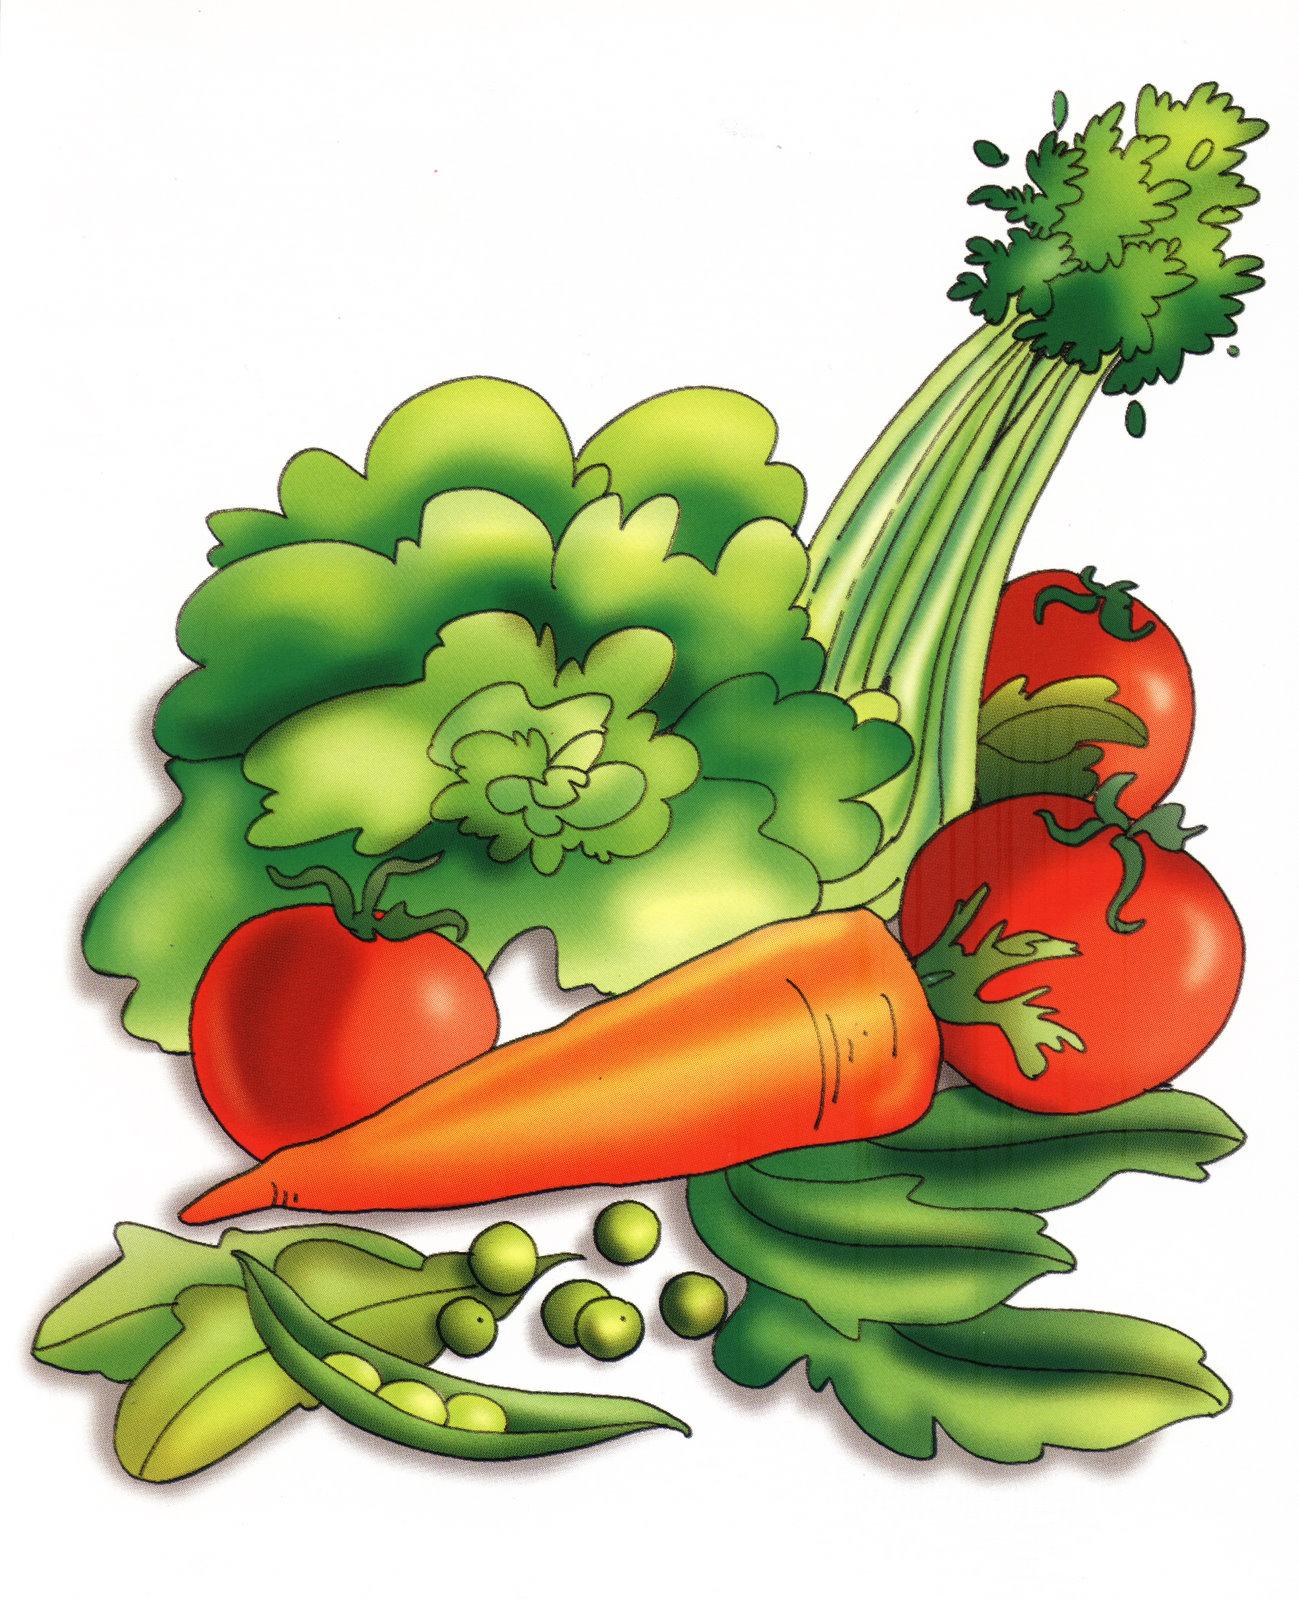 Imagenes de alimentos tattoo design bild - Fotos de comodas ...